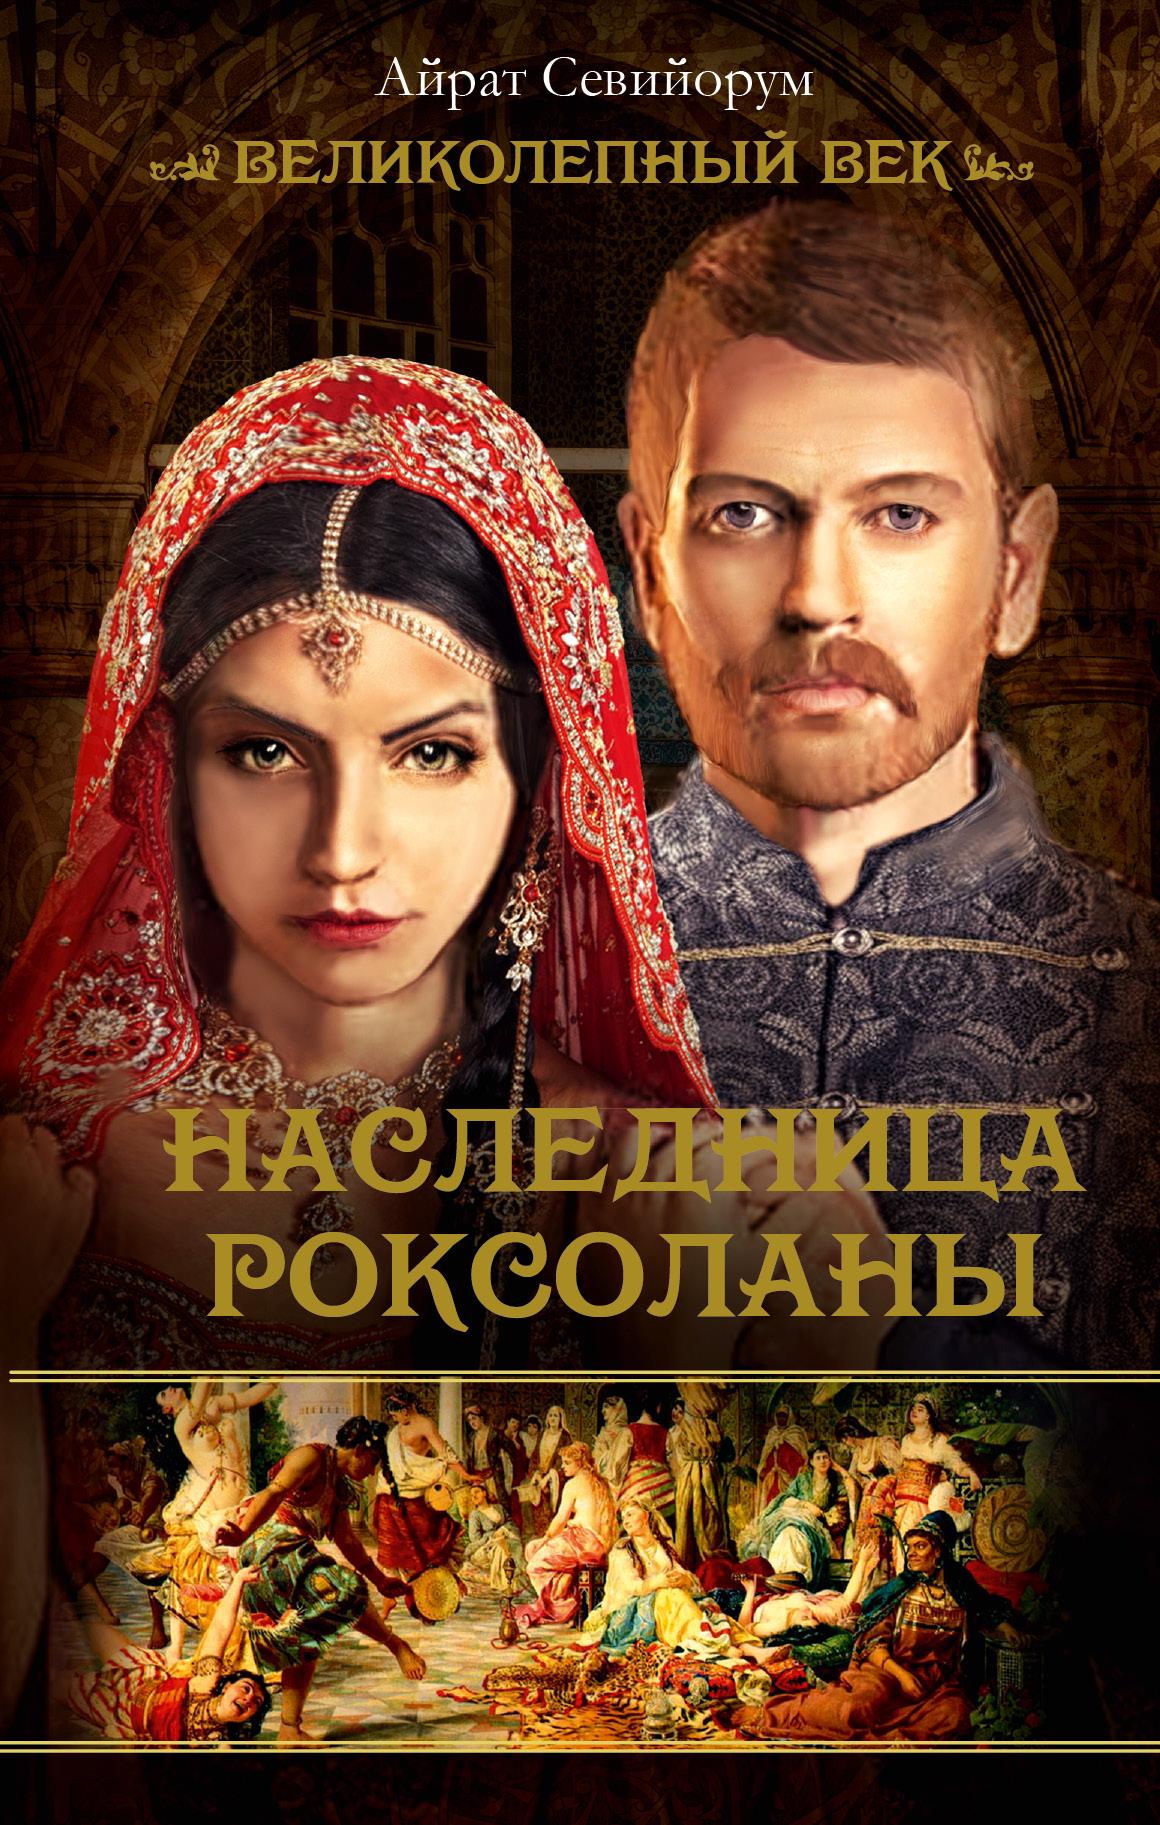 Севийорум Айрат Наследница Роксоланы ISBN: 978-5-17-089753-7